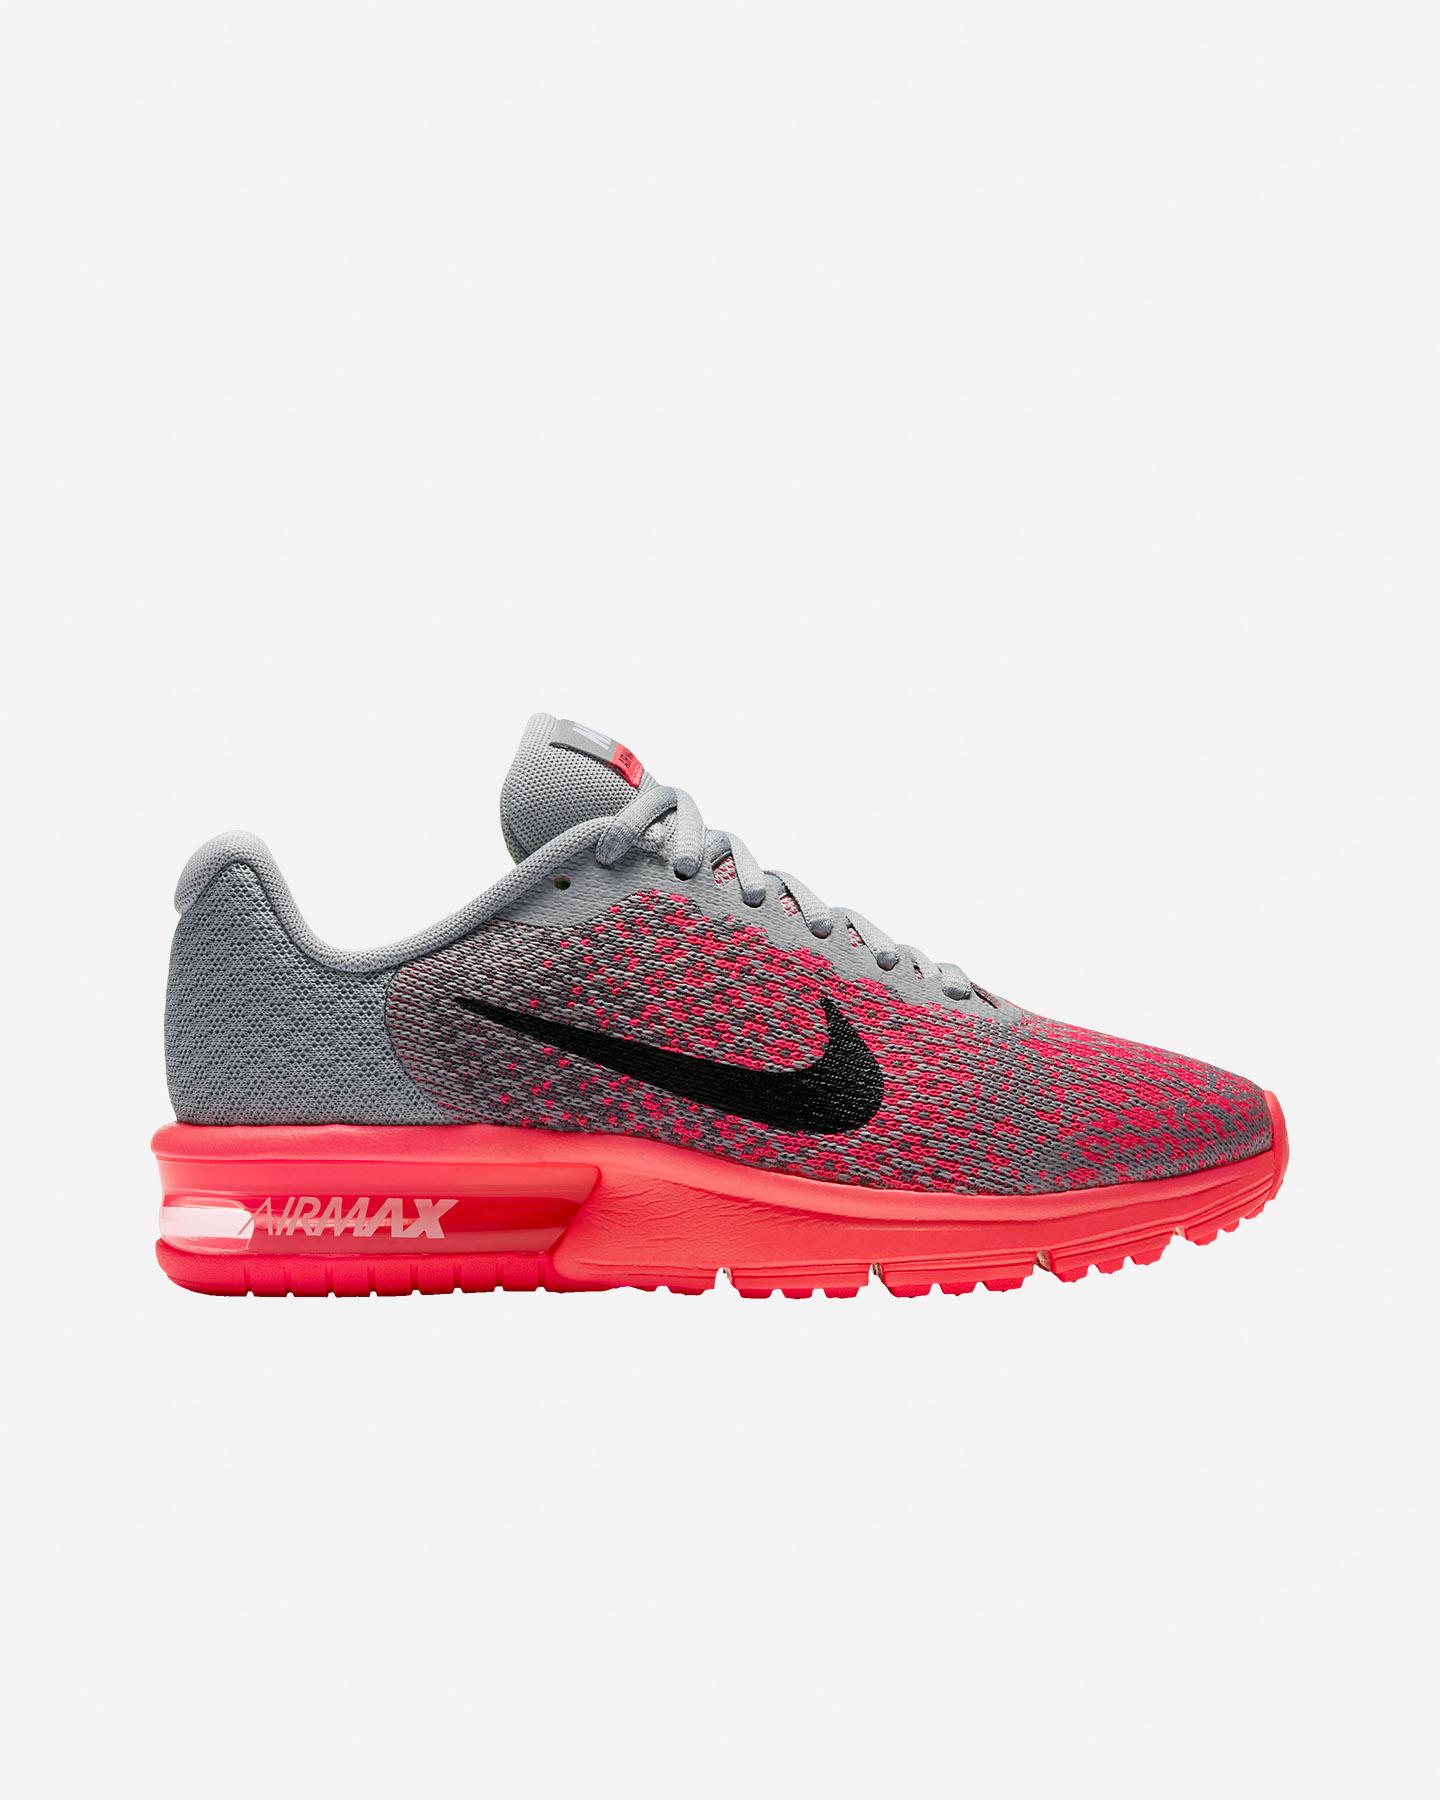 Acquista Prezzo Speciale Nike Air Max Sequent 2 Donna